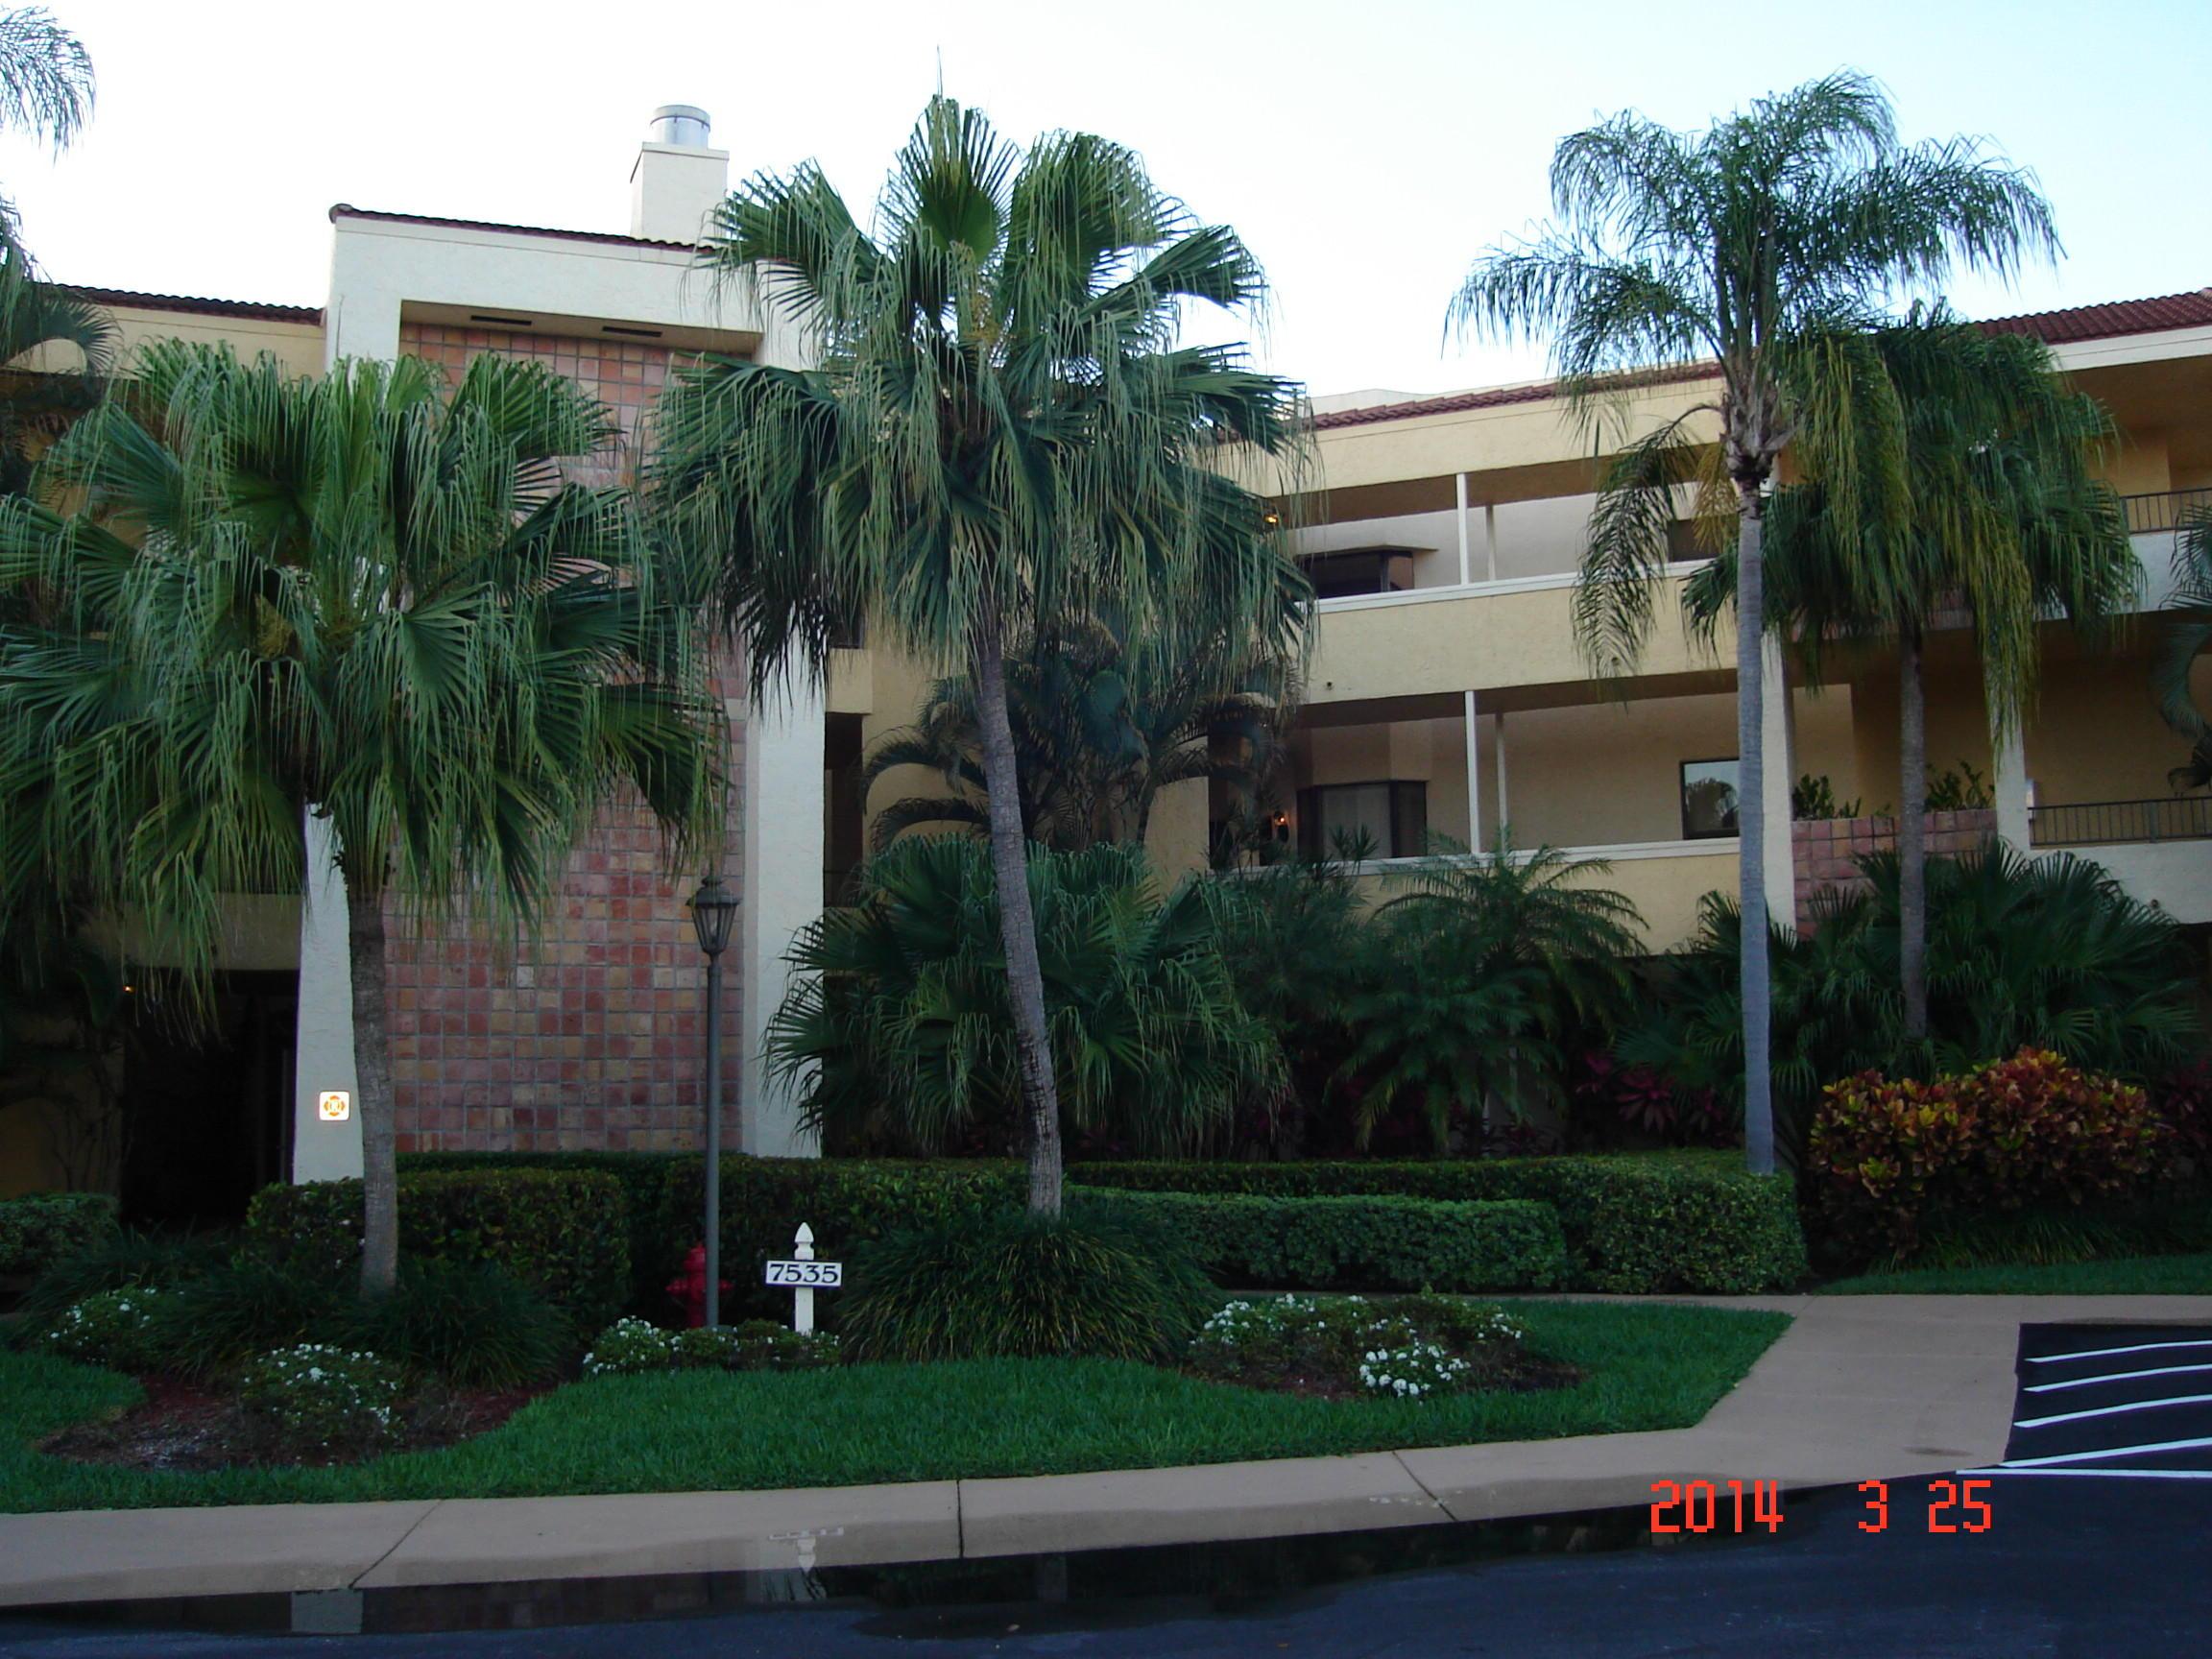 7535 La Paz Boulevard #302 Boca Raton, FL 33433